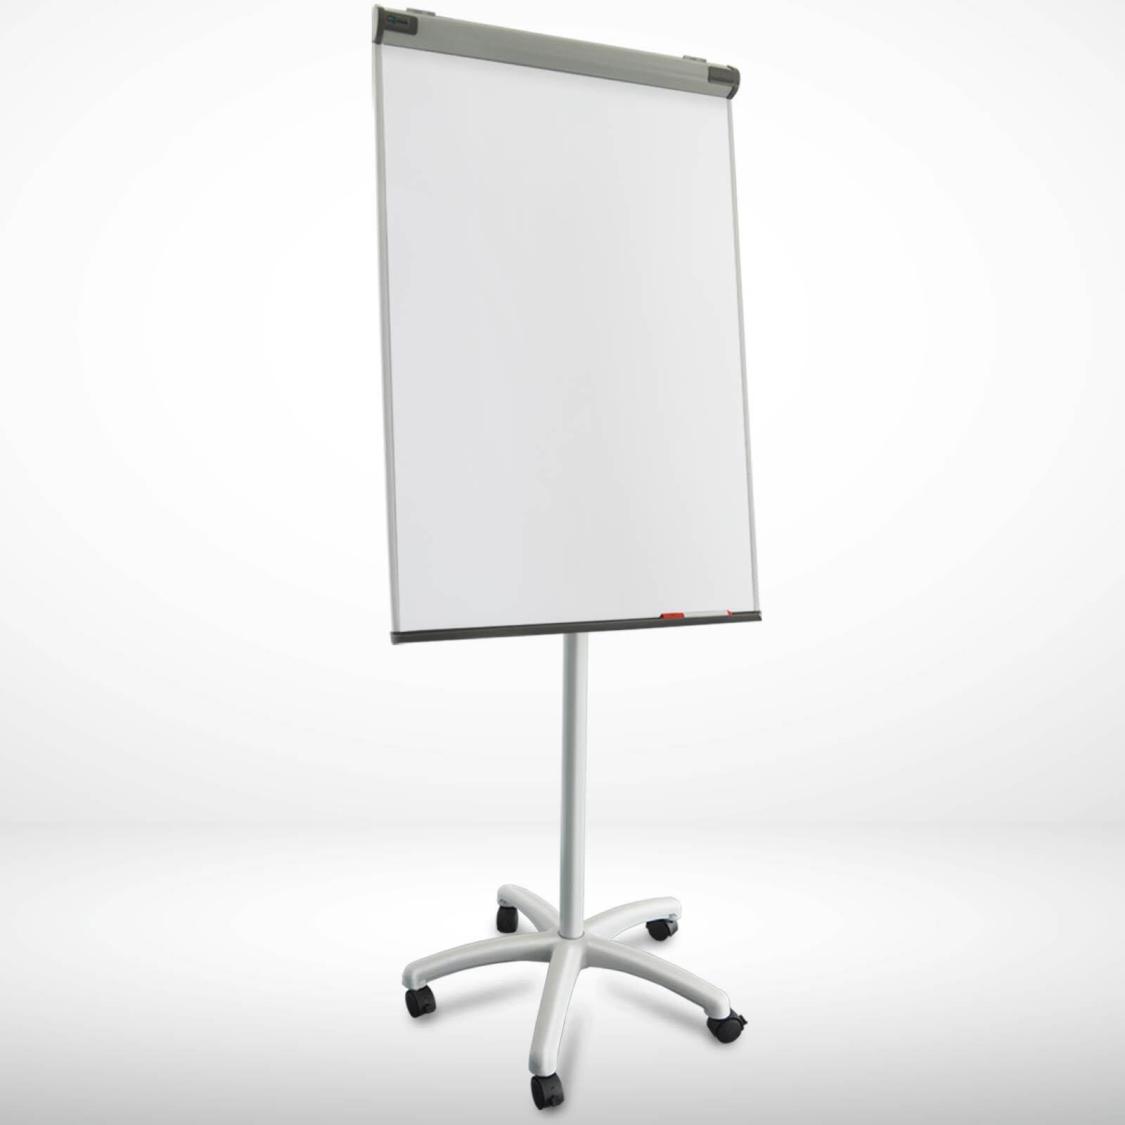 Flipchart Whiteboard Mobil Piranha Sternfuß Höhenverstellbar Universal Papier